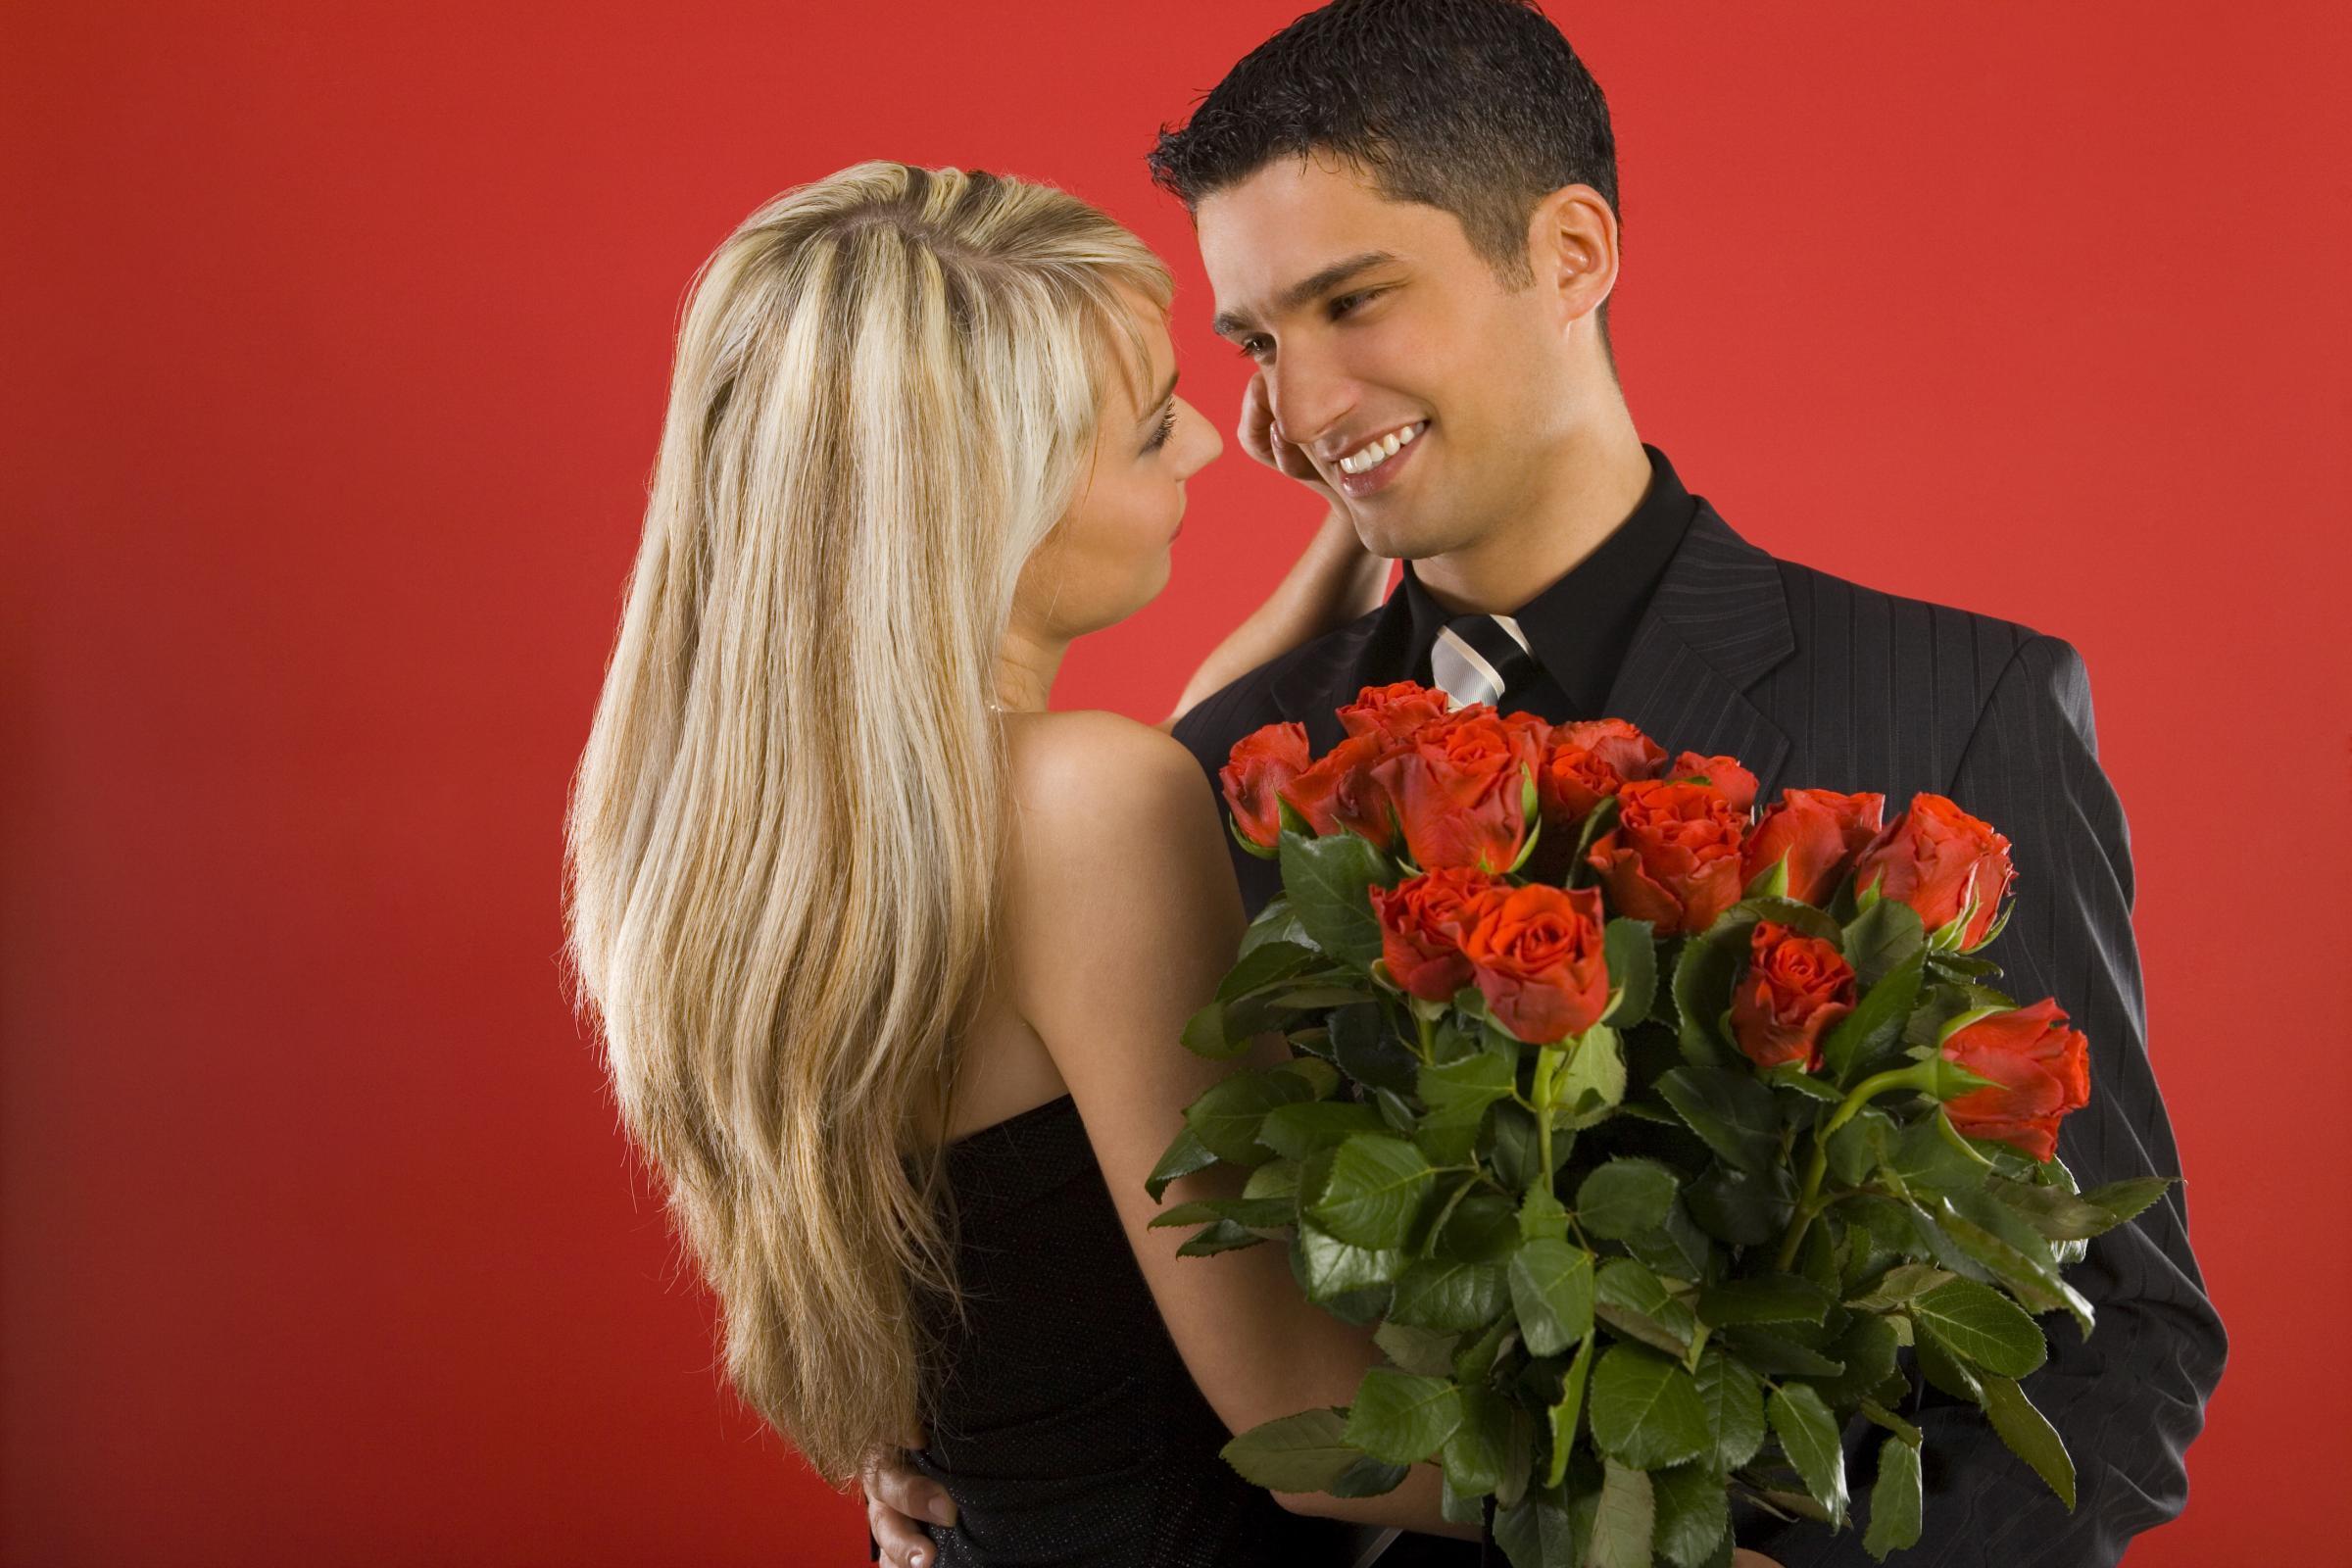 Любовь доказывают не цветами и подарками